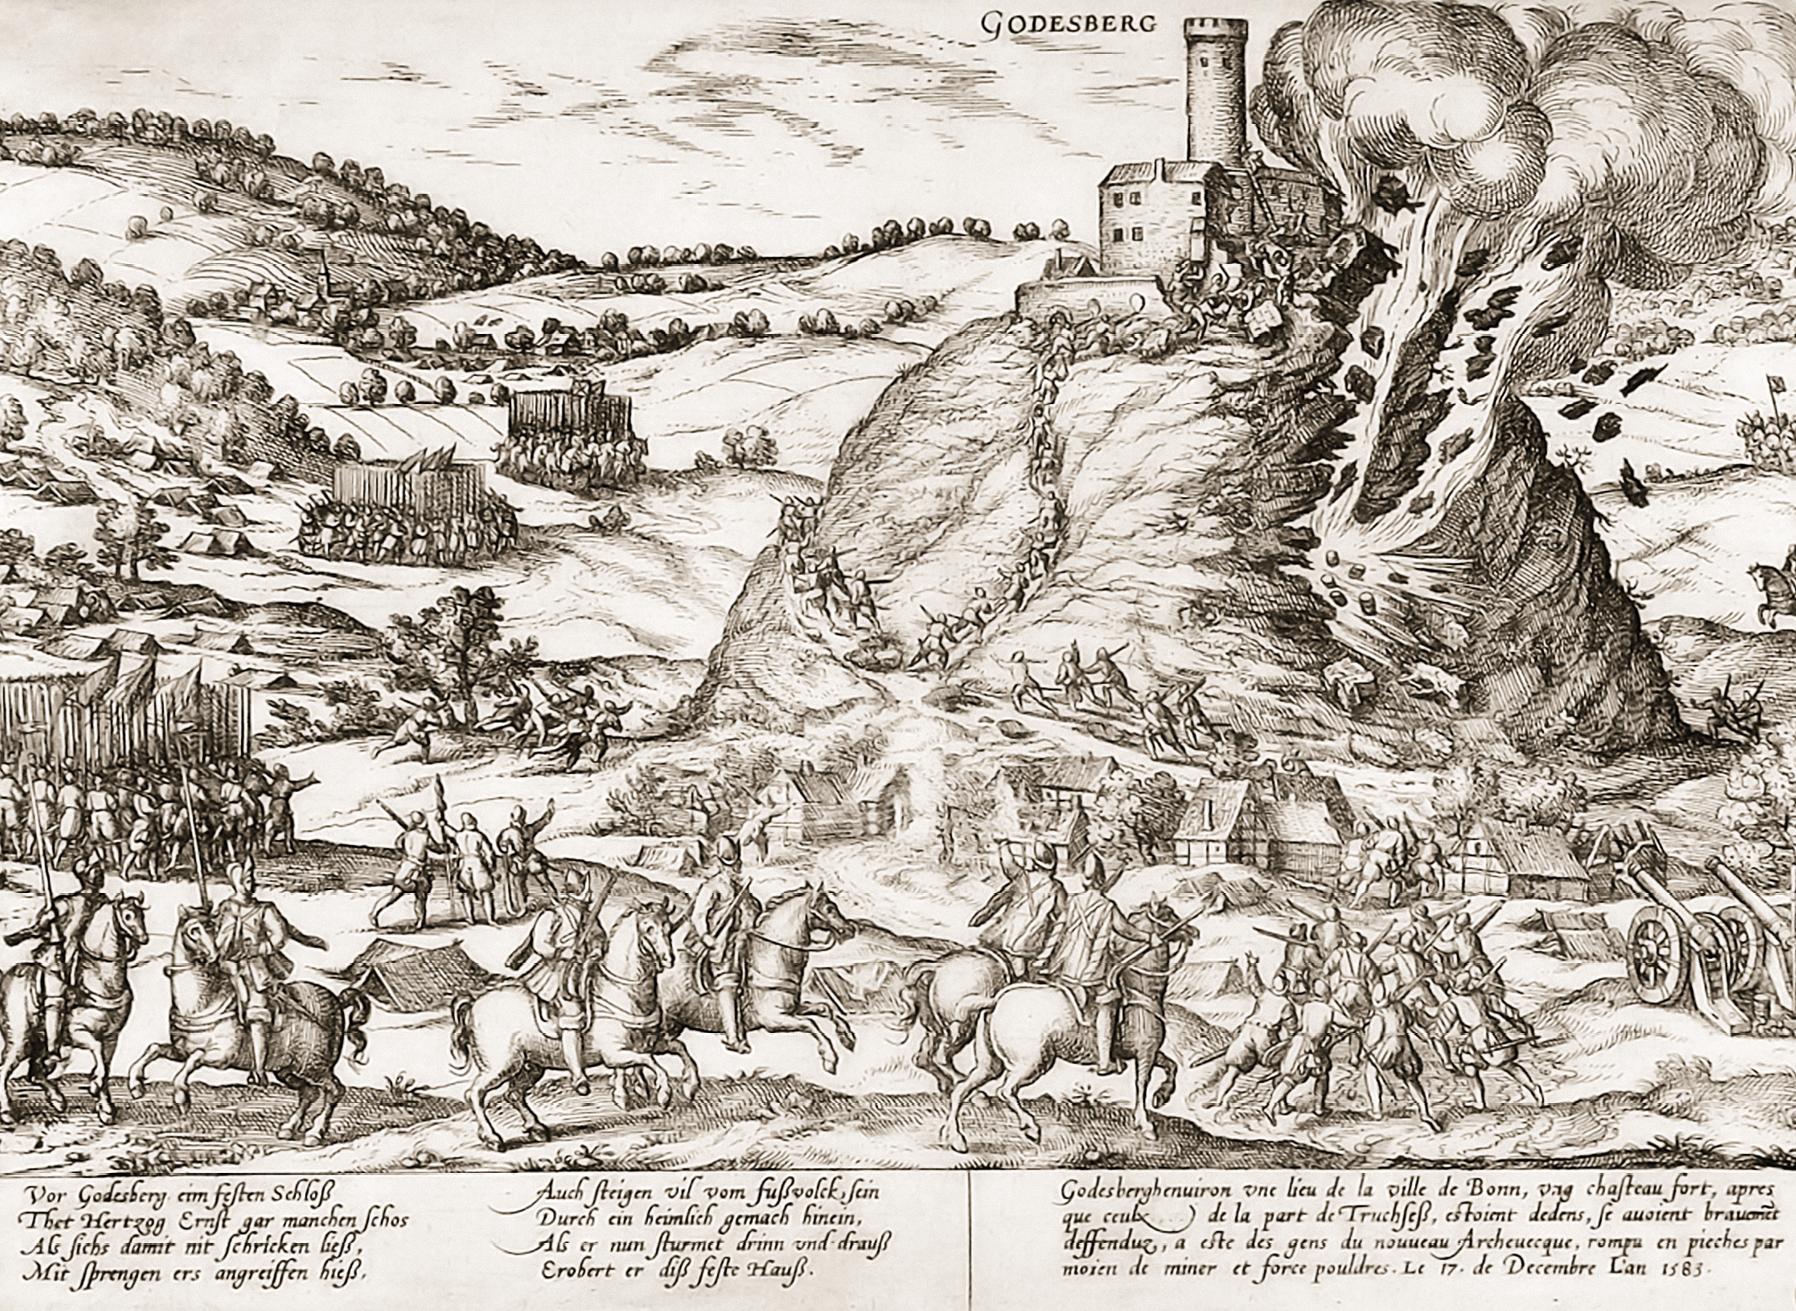 Dobývanie hradu Godesburg